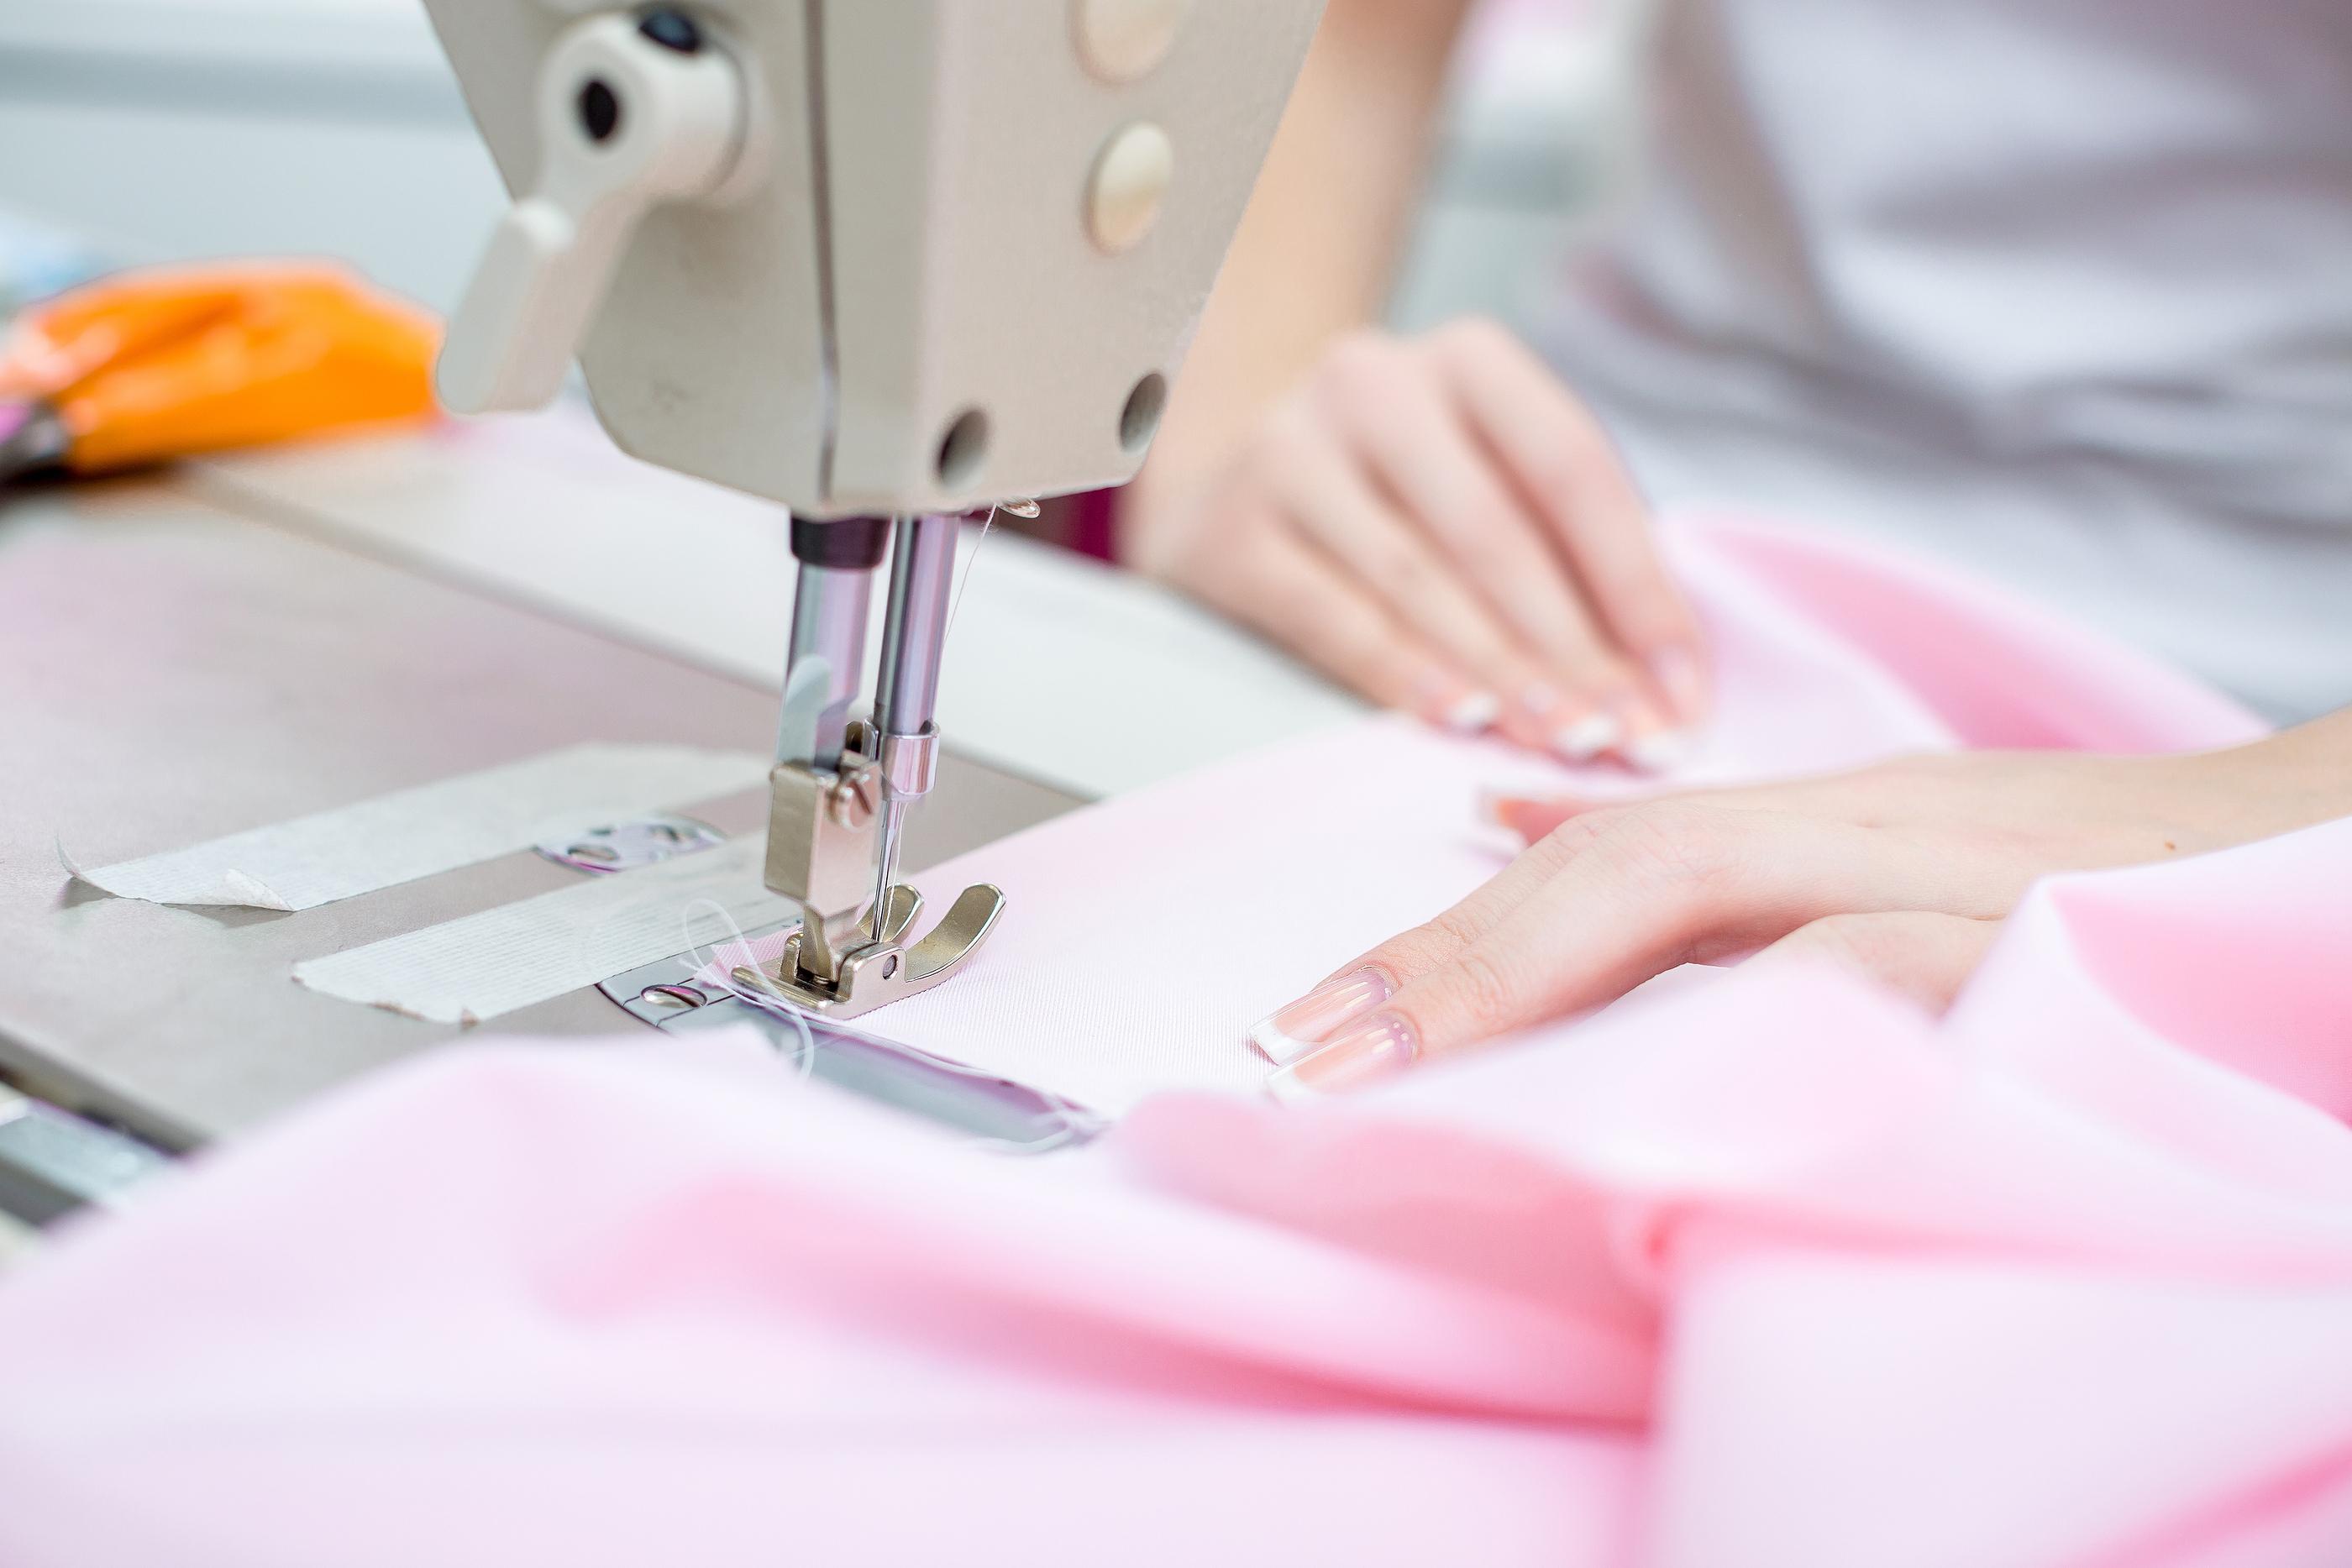 Sewing Class : devenir couturière de chez soi et en partant de 0